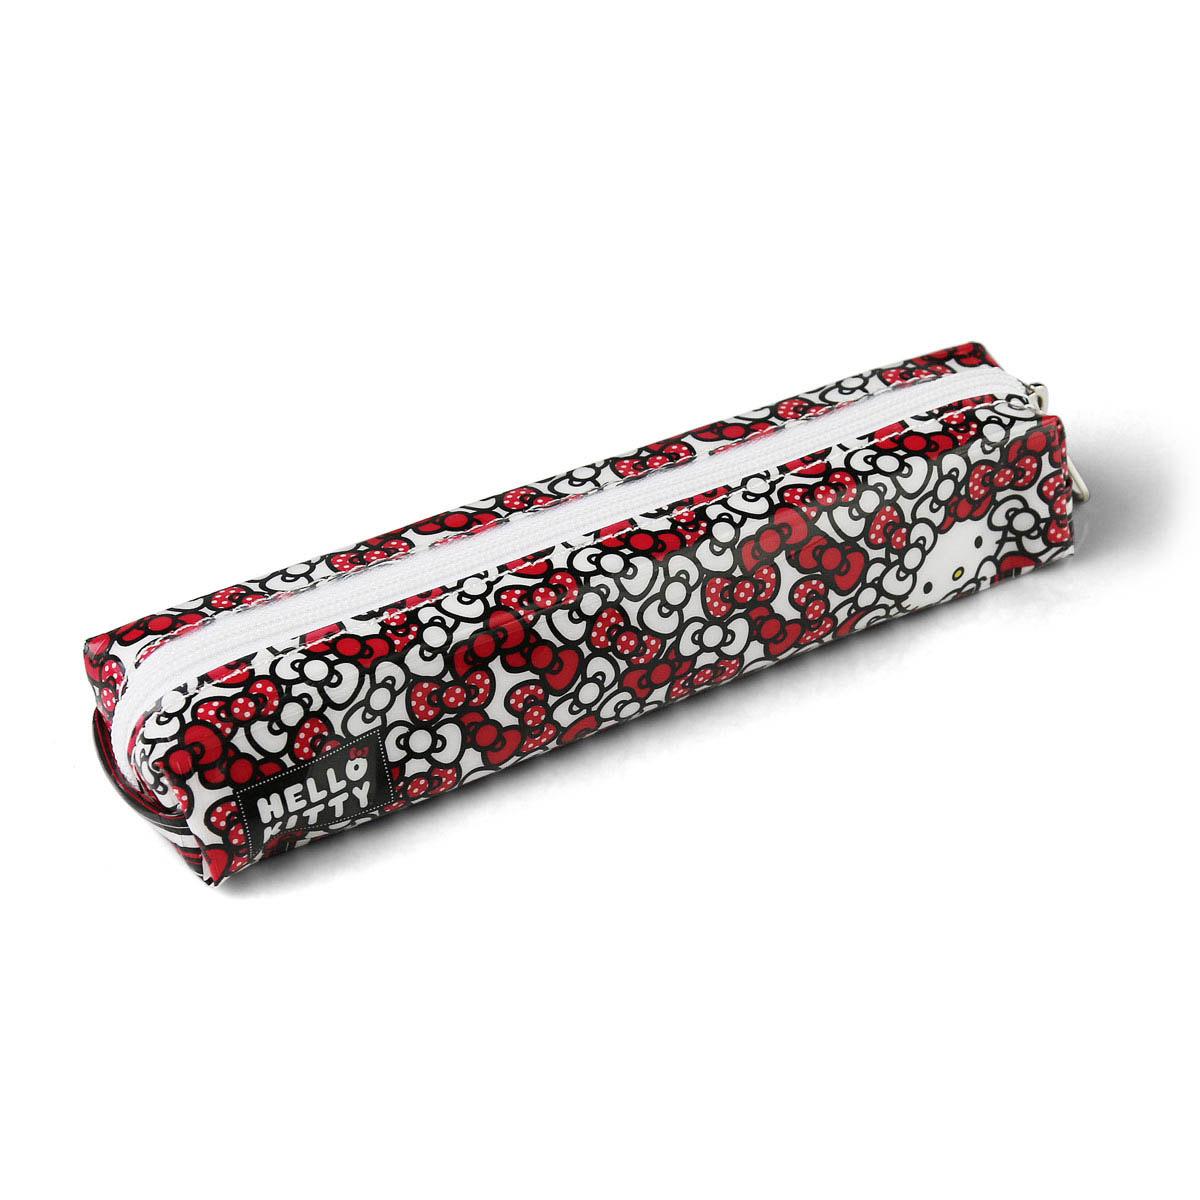 Estojo Simples Hello Kitty Red Ties